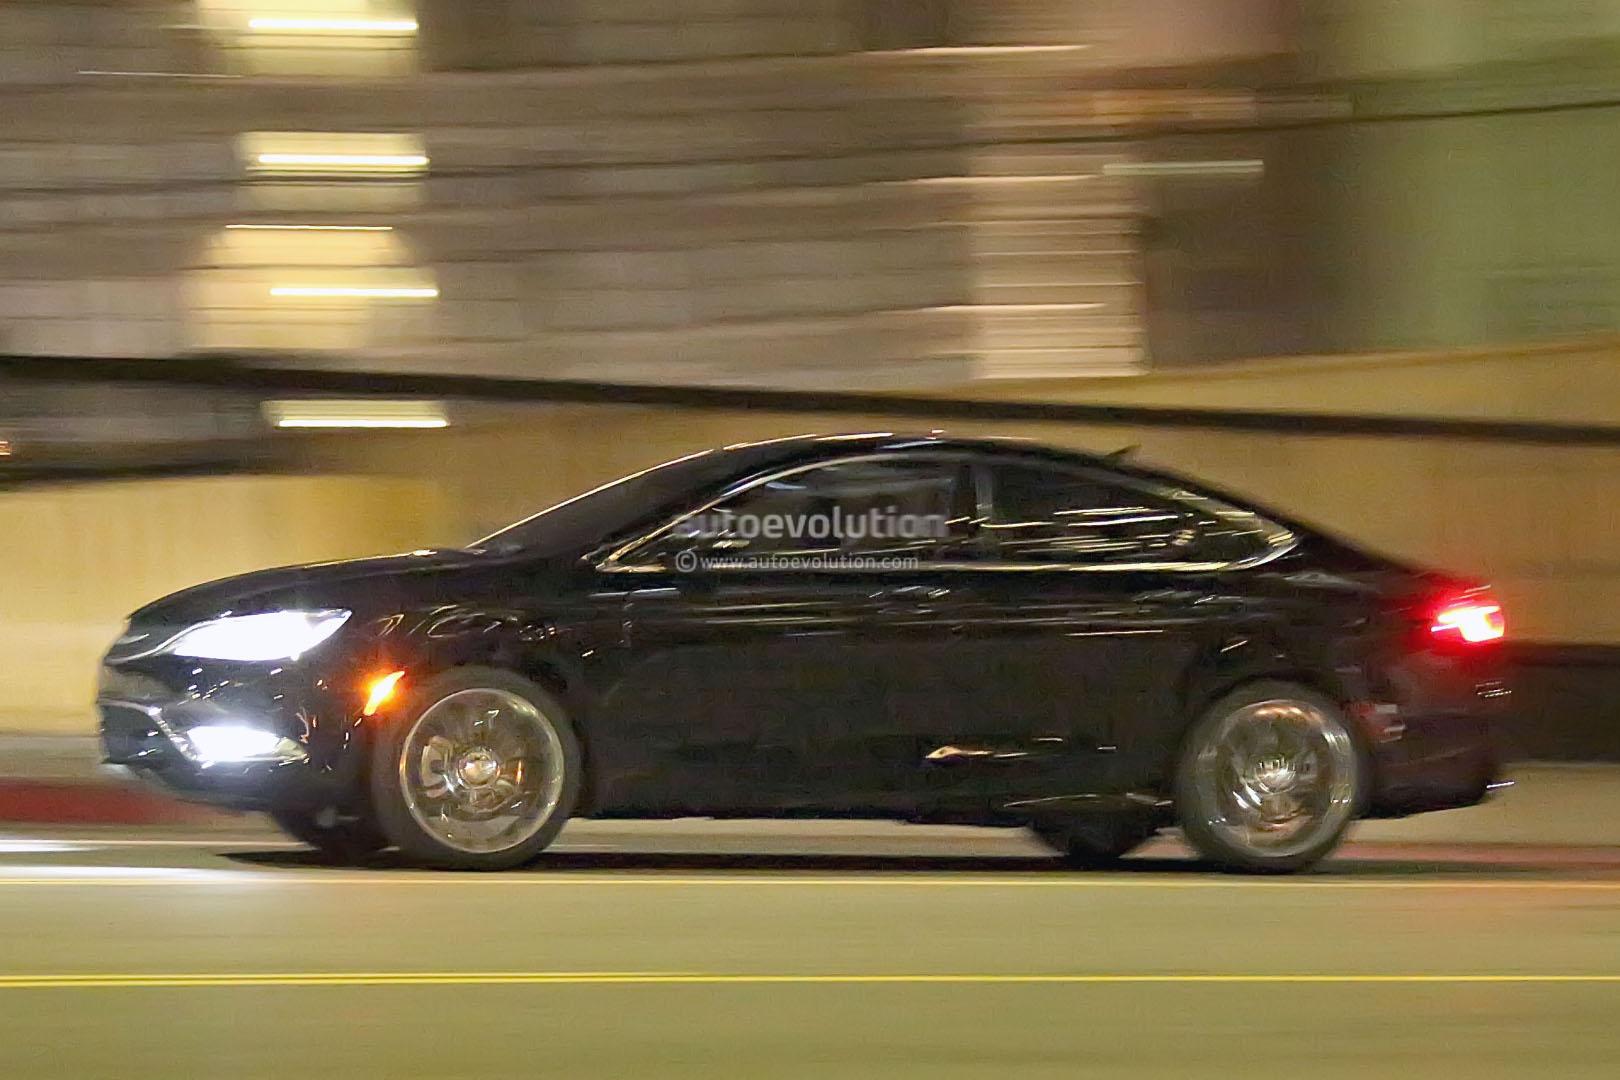 2015 Chrysler 200 Sedan Spy Photos Completely Reveal New Design